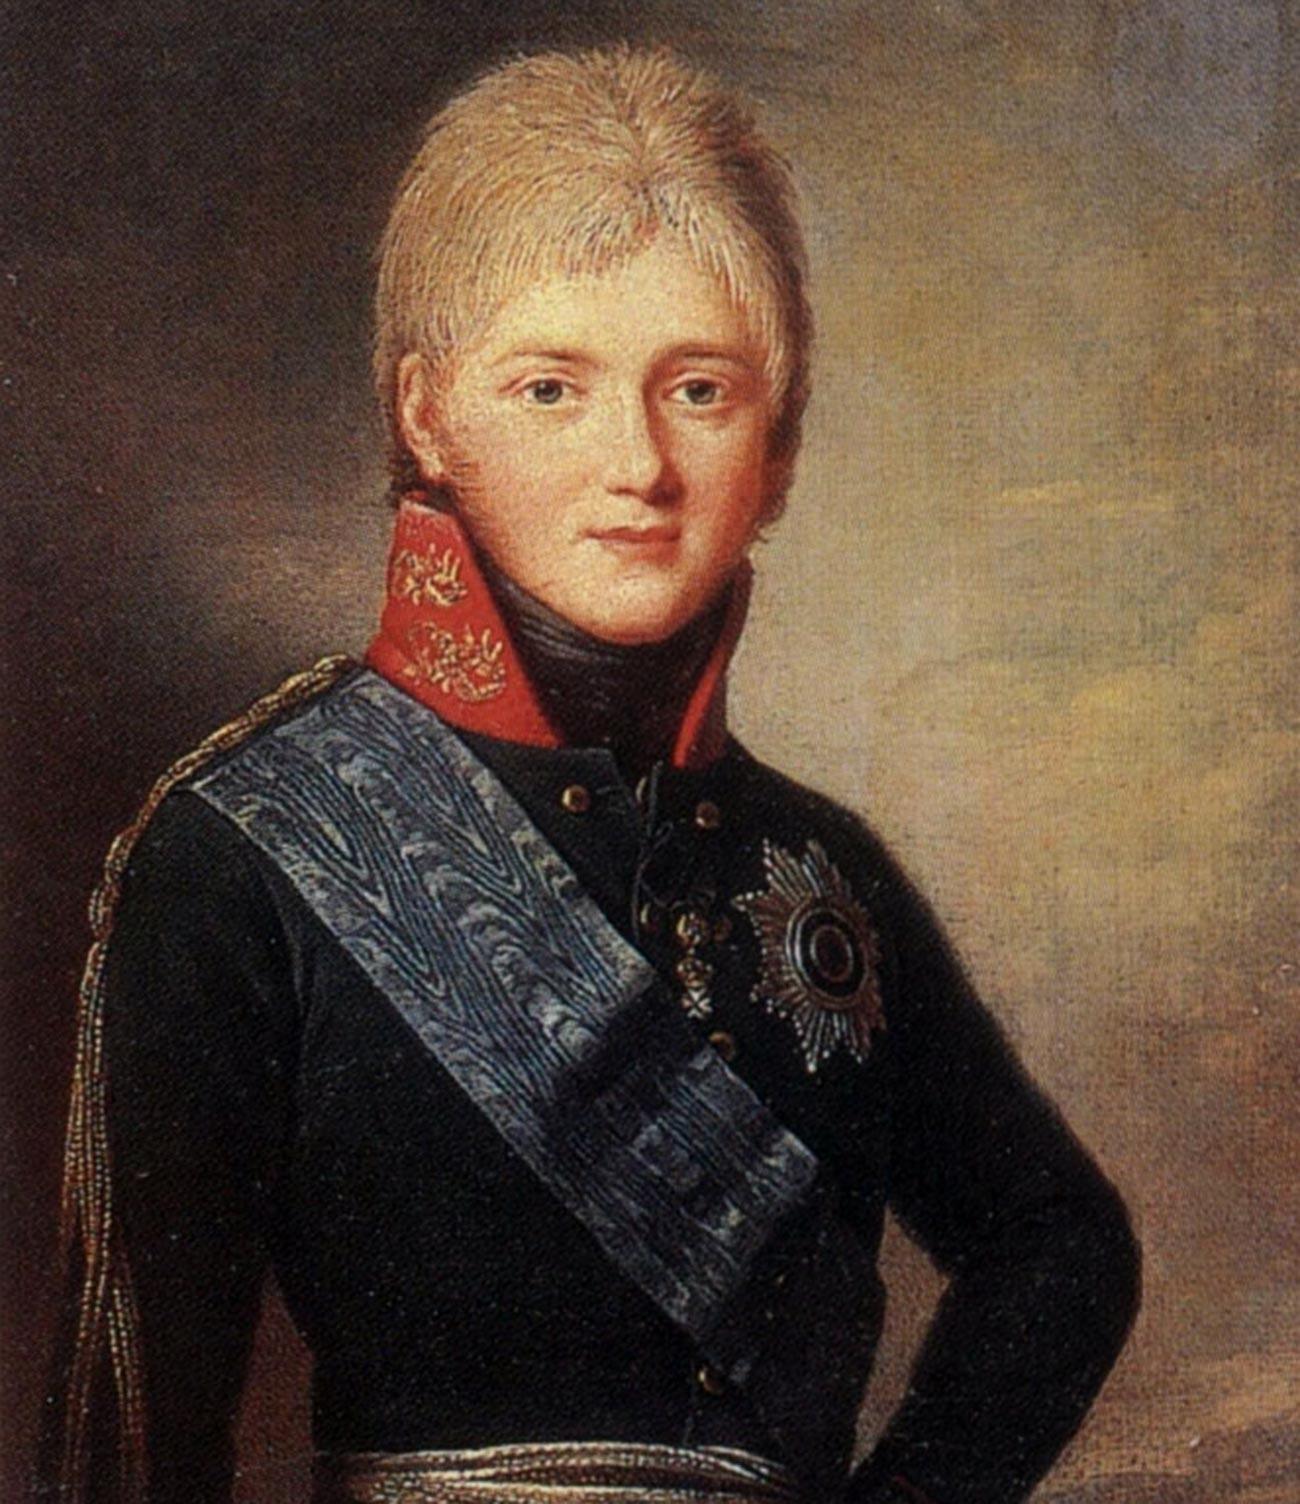 Il granduca Aleksandr Pavlovich (il futuro imperatore Alessandro I)